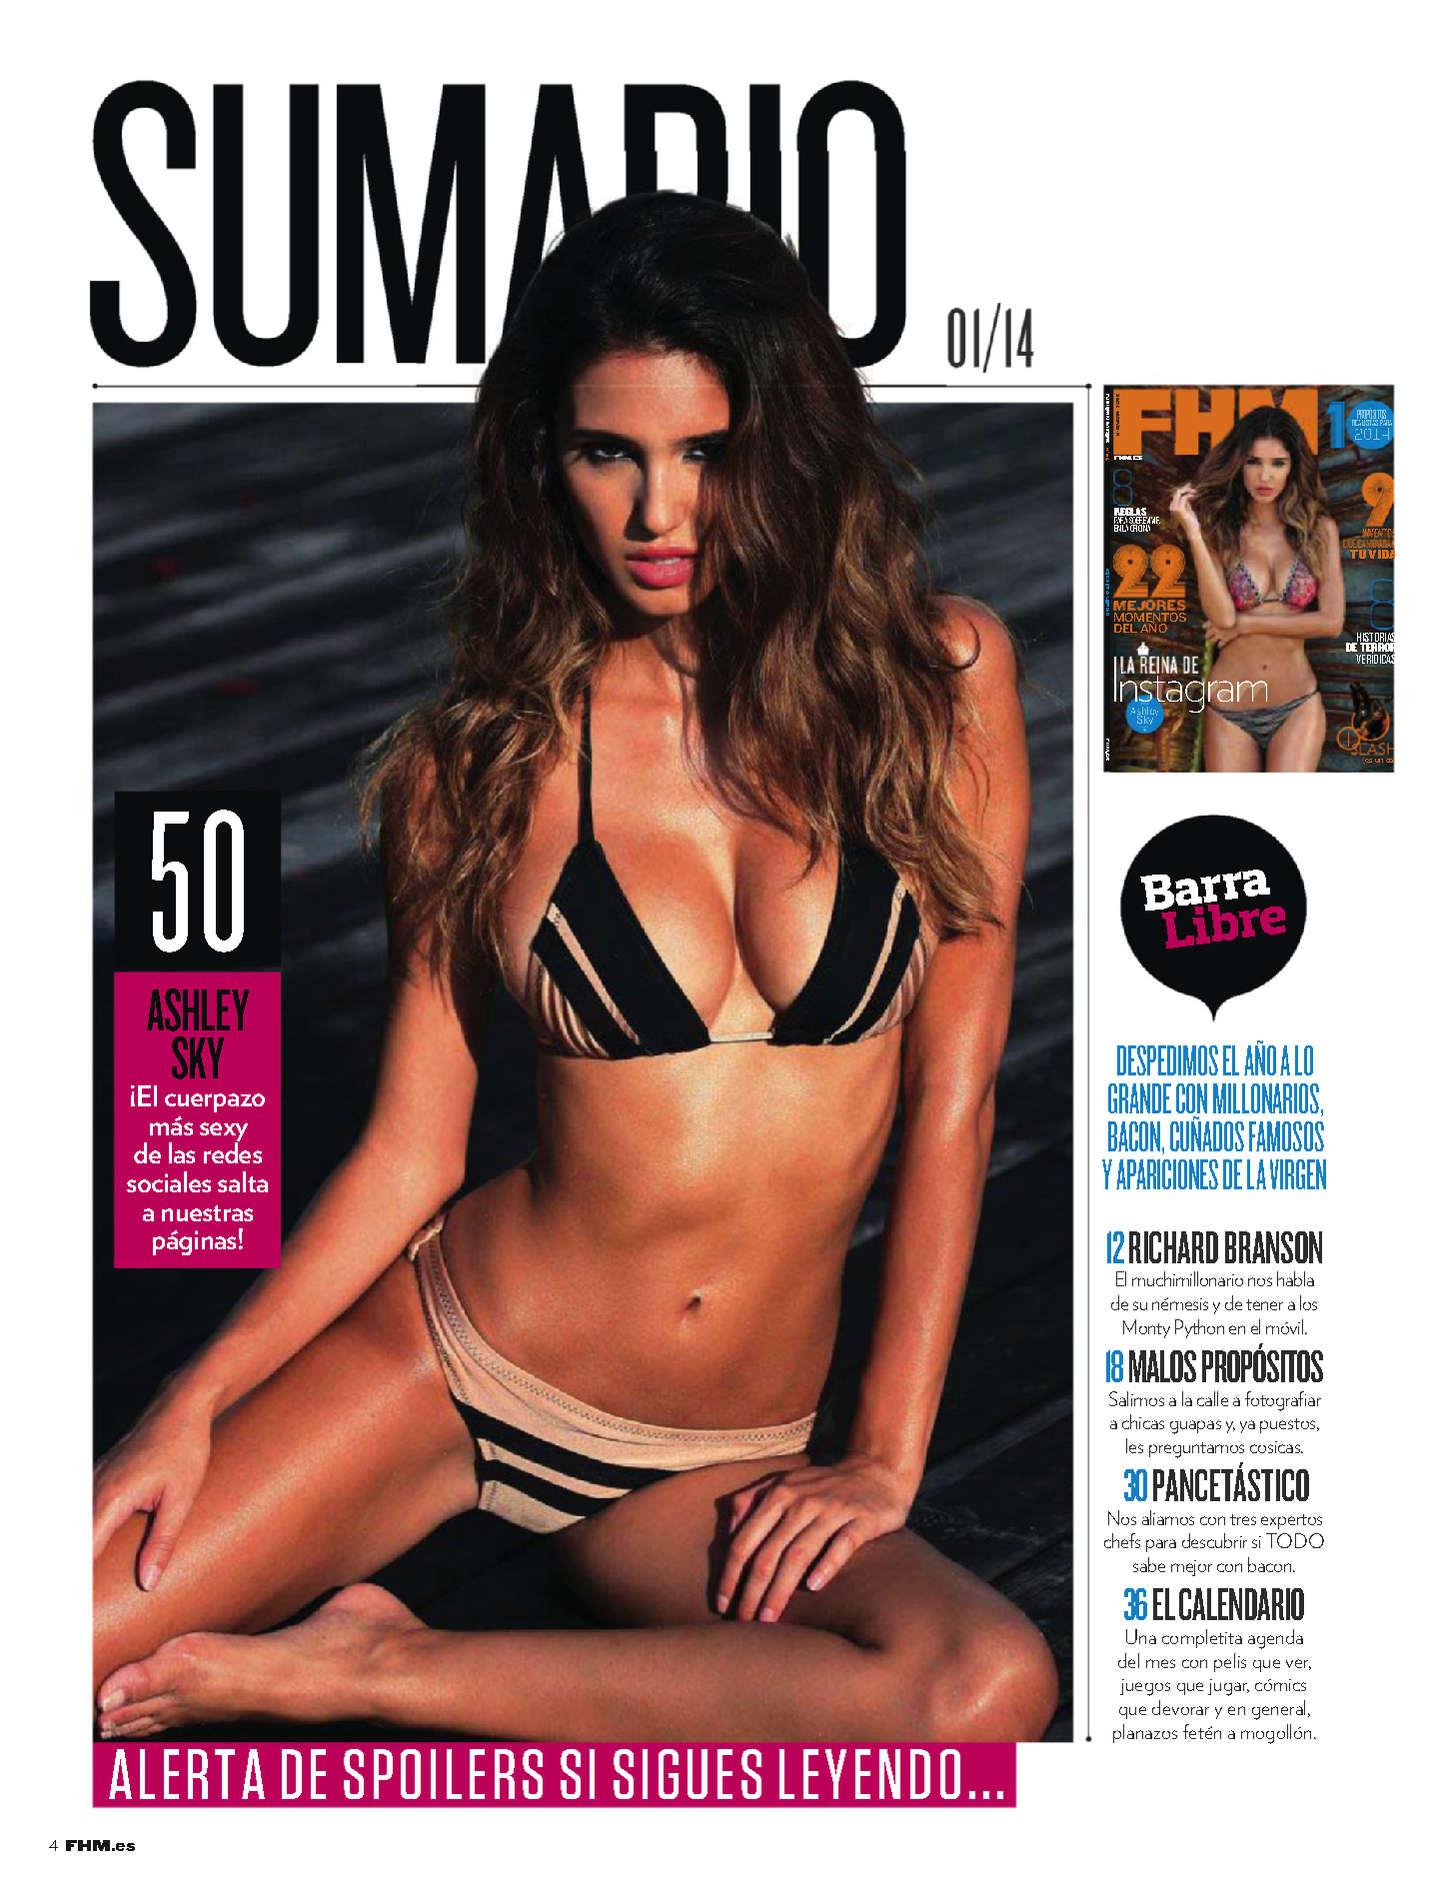 Ashley Sky 2013 : Ashley Sky – FHM (Spain) – January 2014 -02